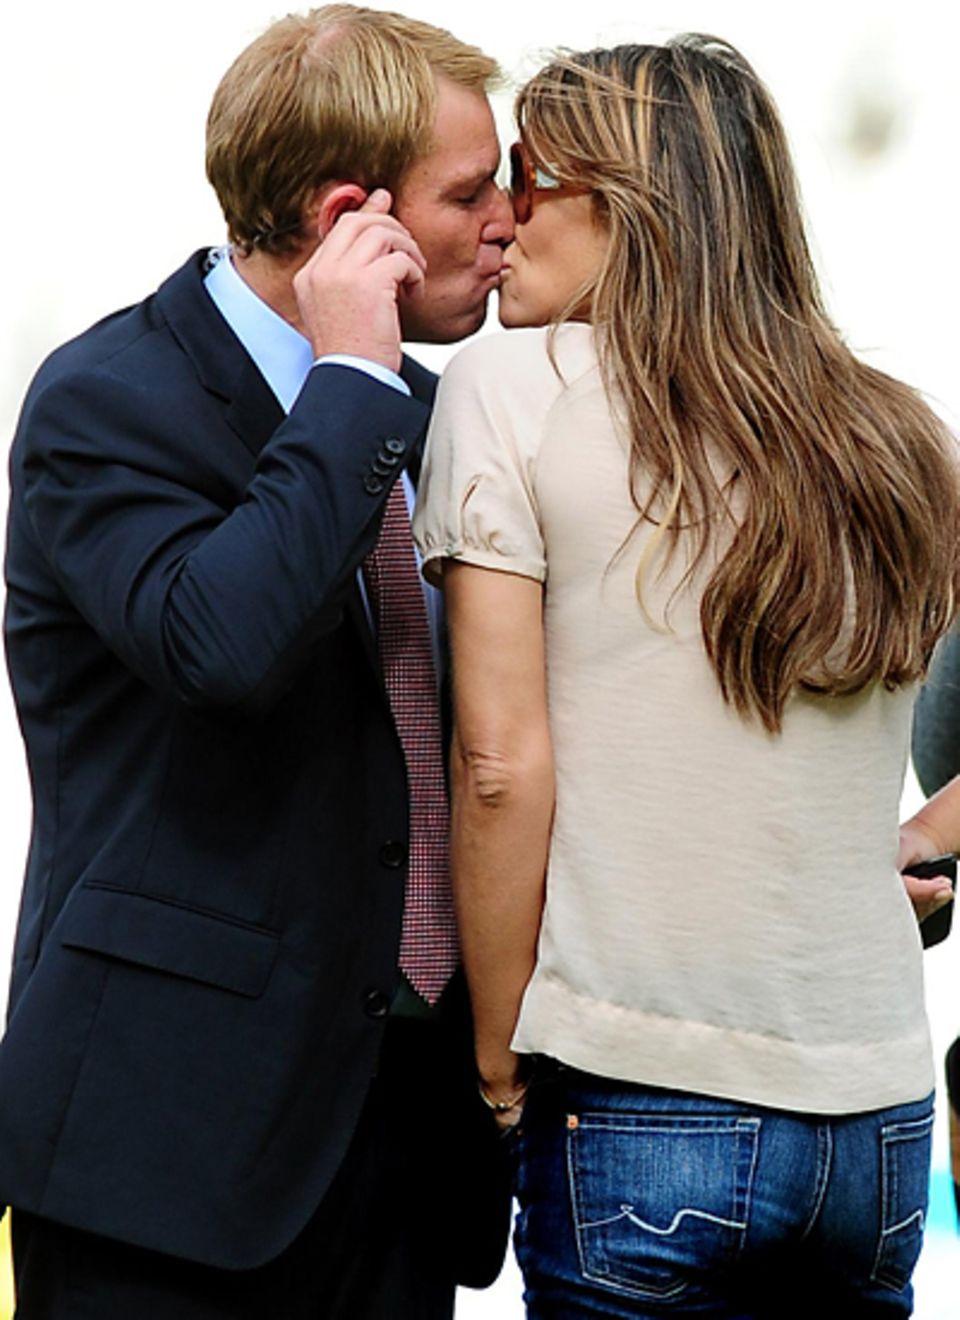 Am Rande einer Veranstaltung in Birmingham sieht man Shane Warne und Liz Hurley beim Küssen.